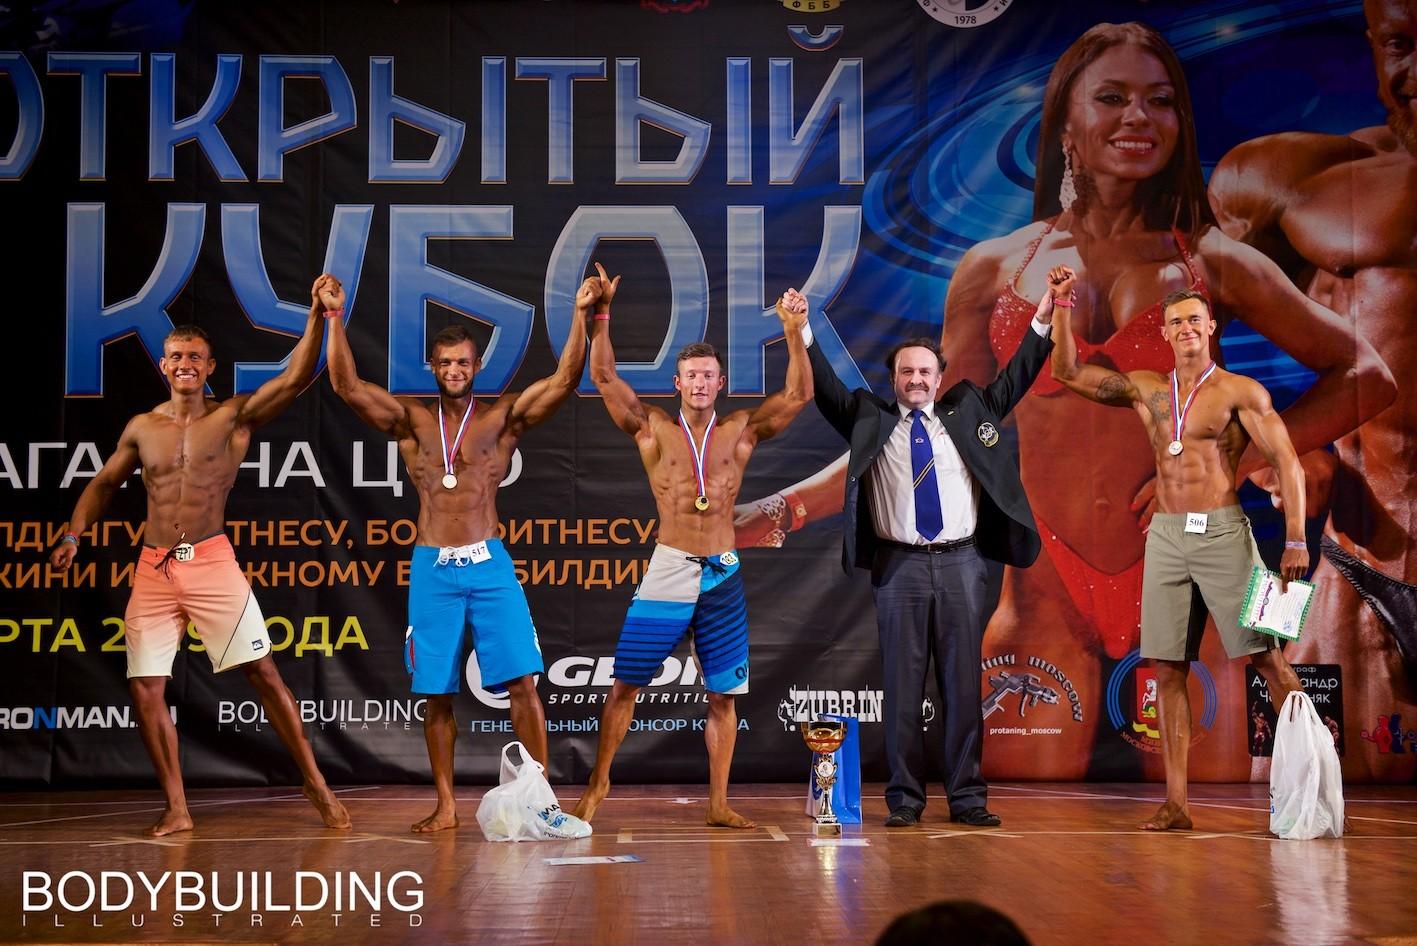 Второй день Кубка Московской области по бодибилдингу 2019